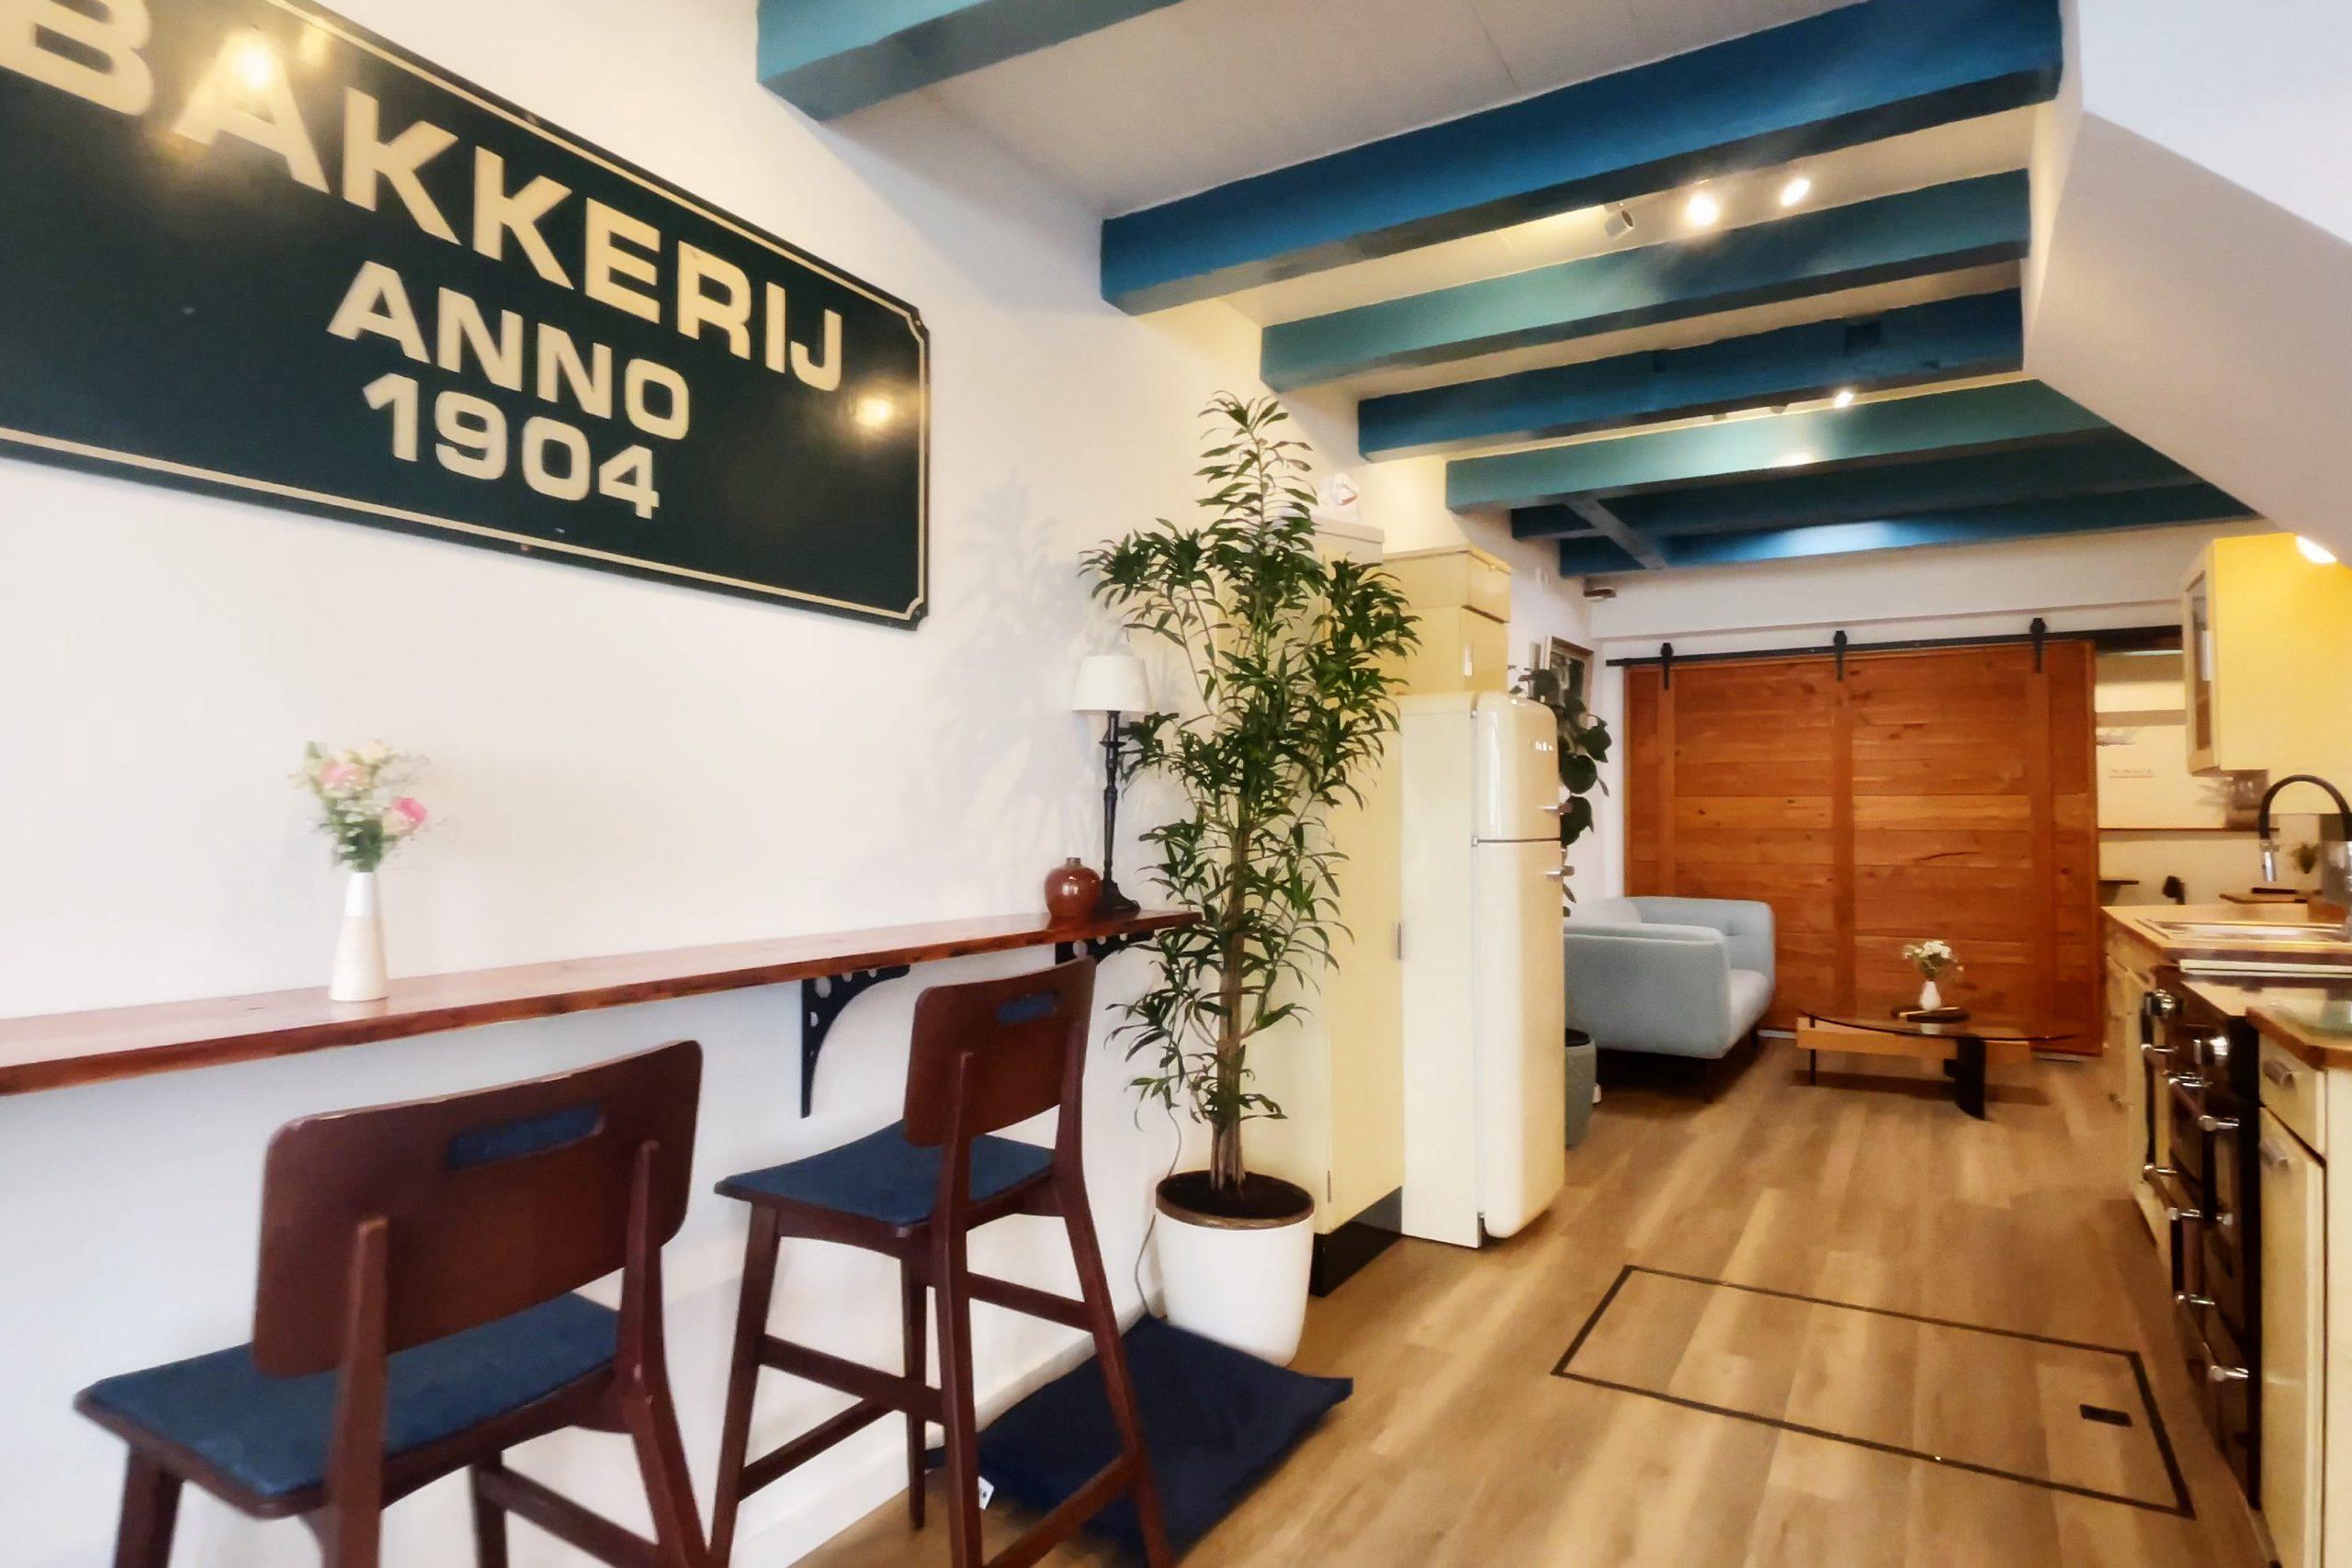 Lounge mit Küche, Tischen und Stühlen für Frühstück und Kaffeepause